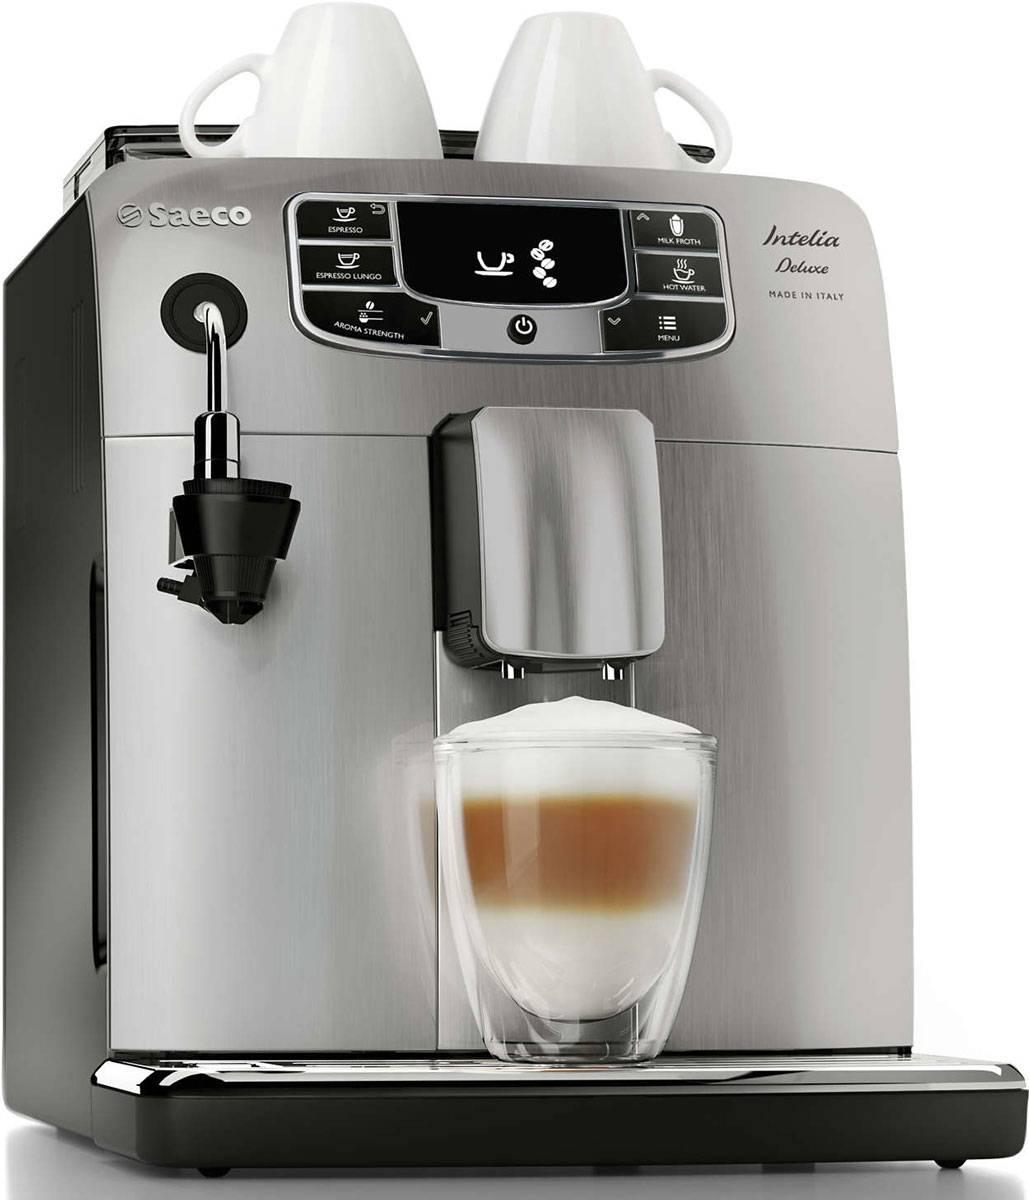 Обзор кофемашины saeco hd8761 minuto. стоит ли своих денег? от эксперта